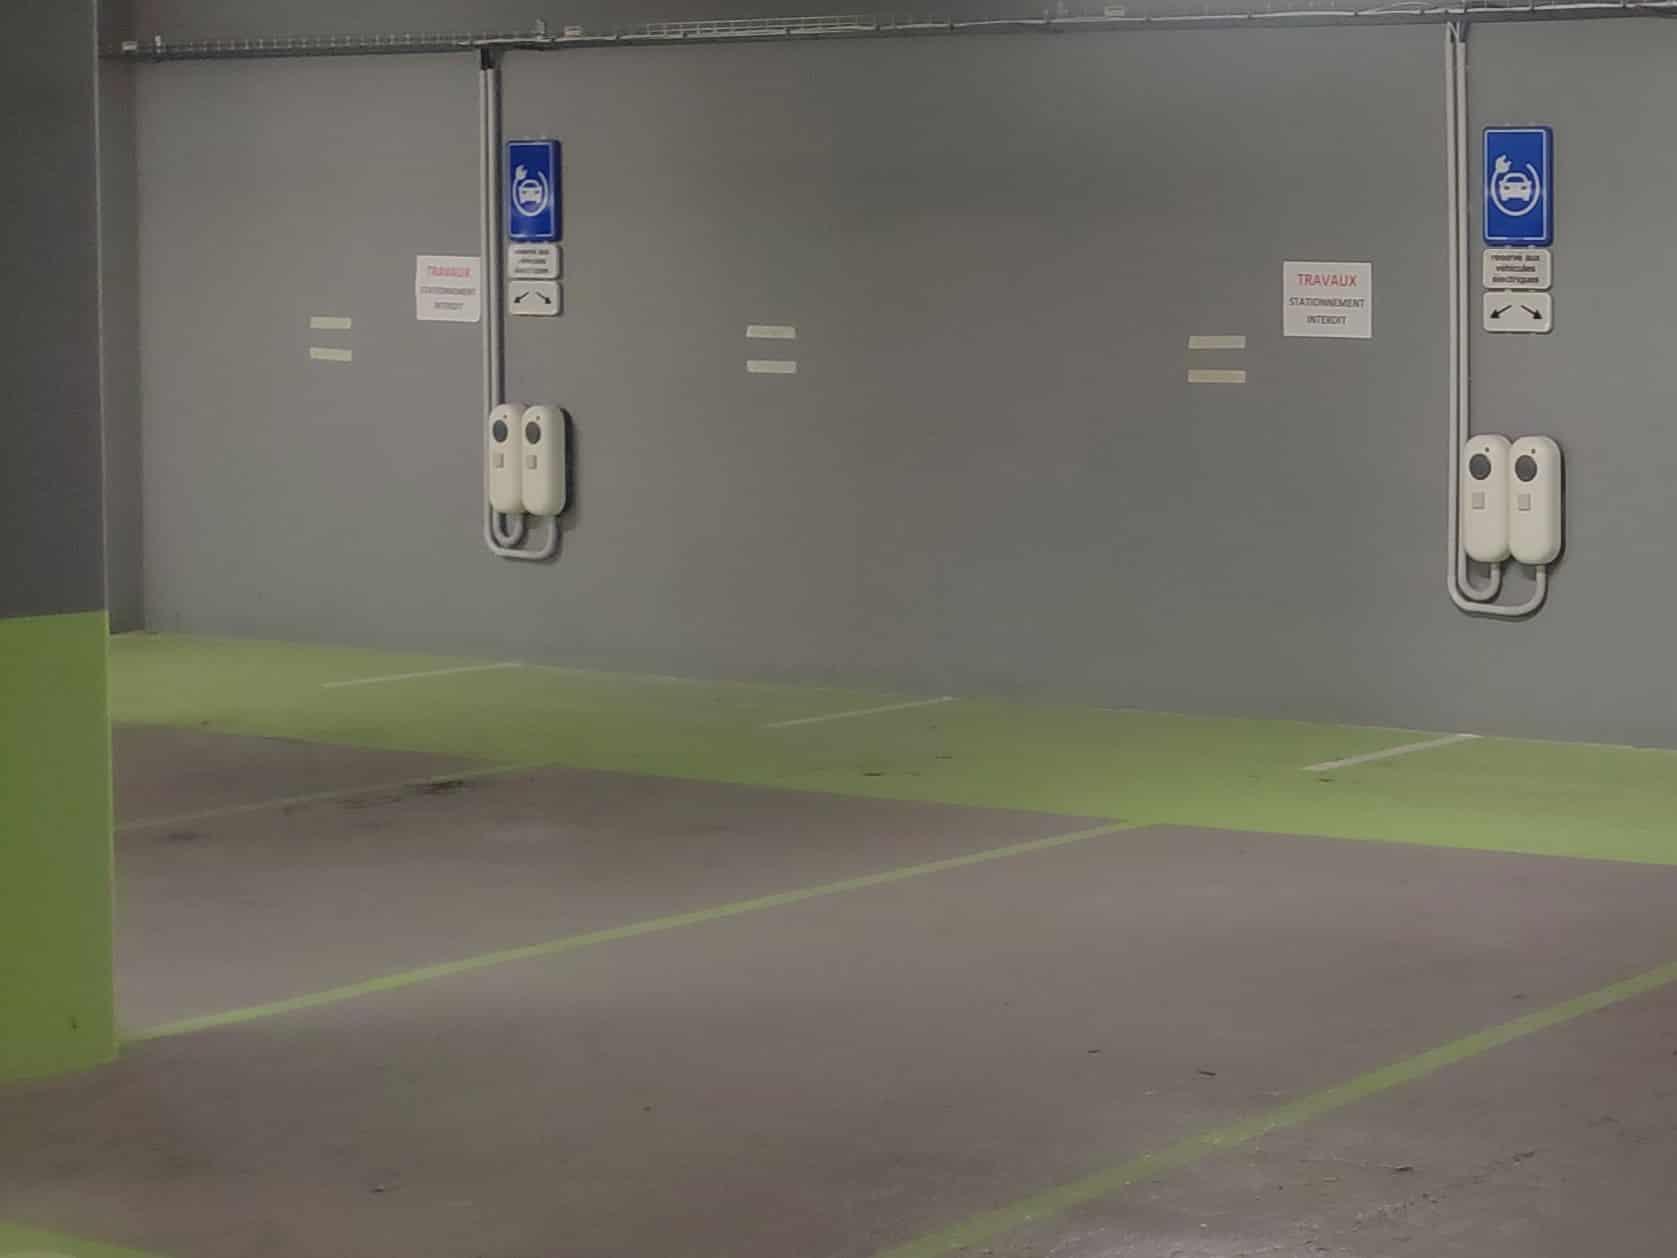 borne de charge parking souterrain véhicule électrique Icade